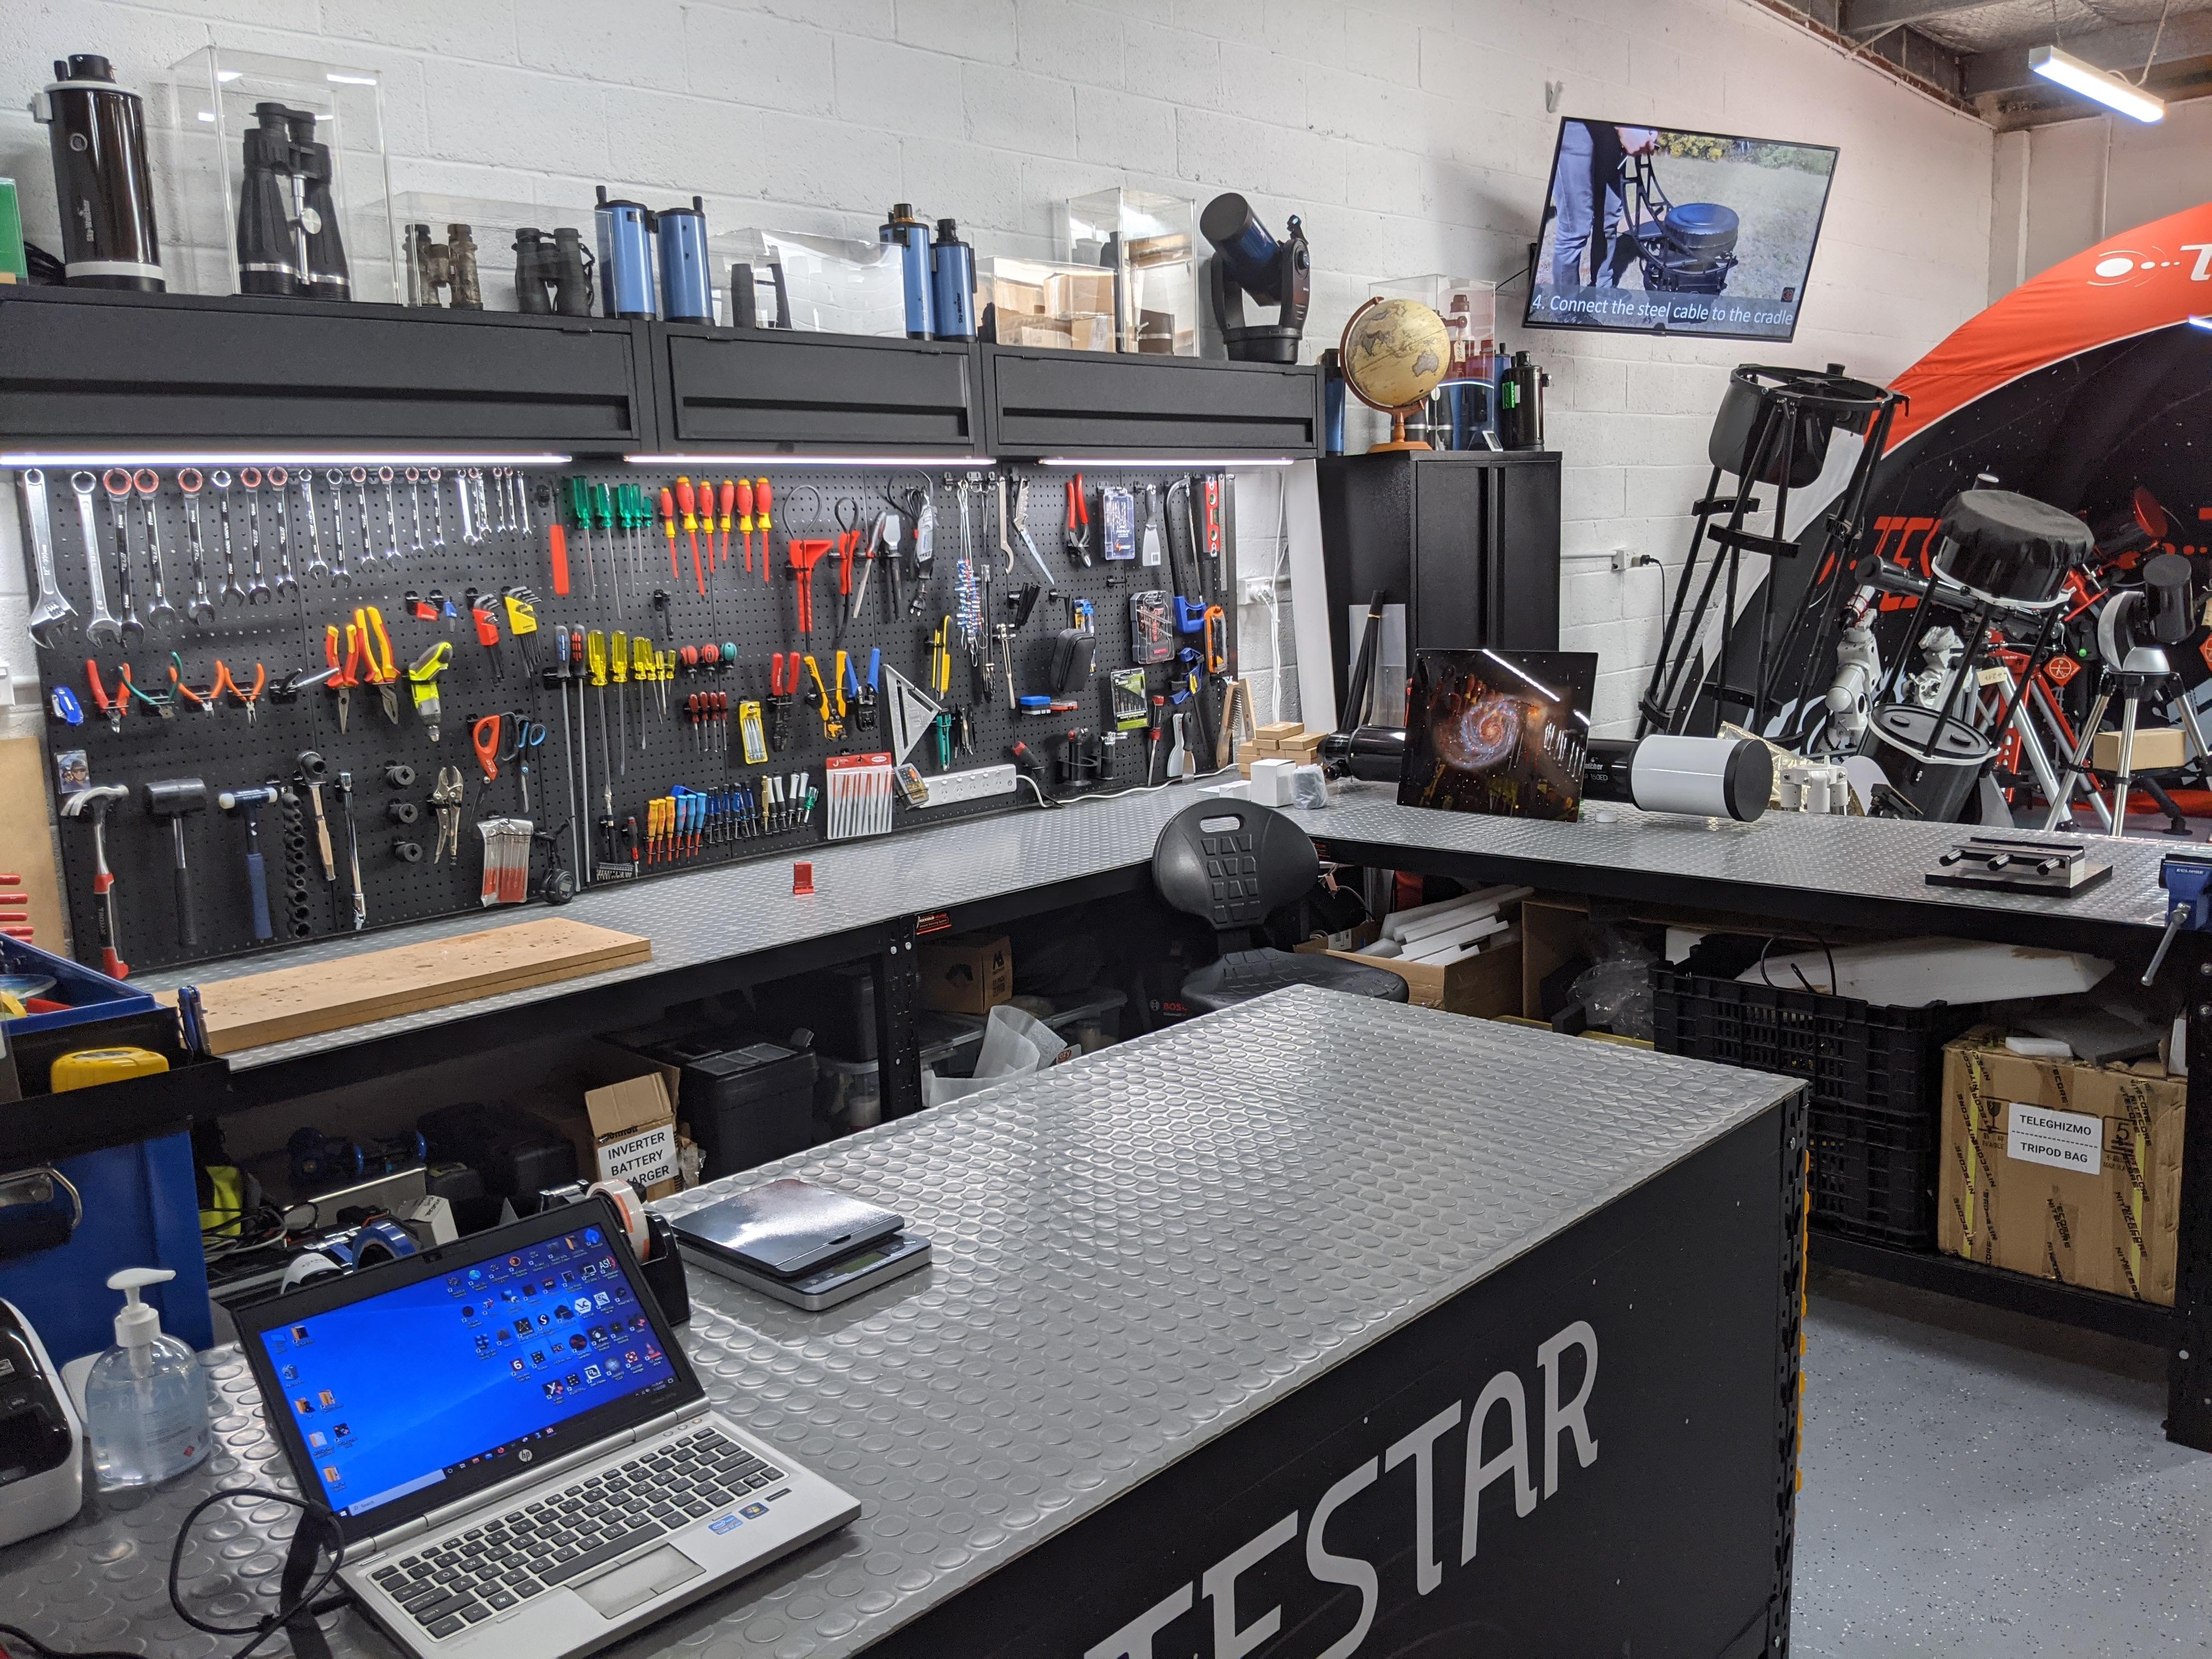 Testar Shop